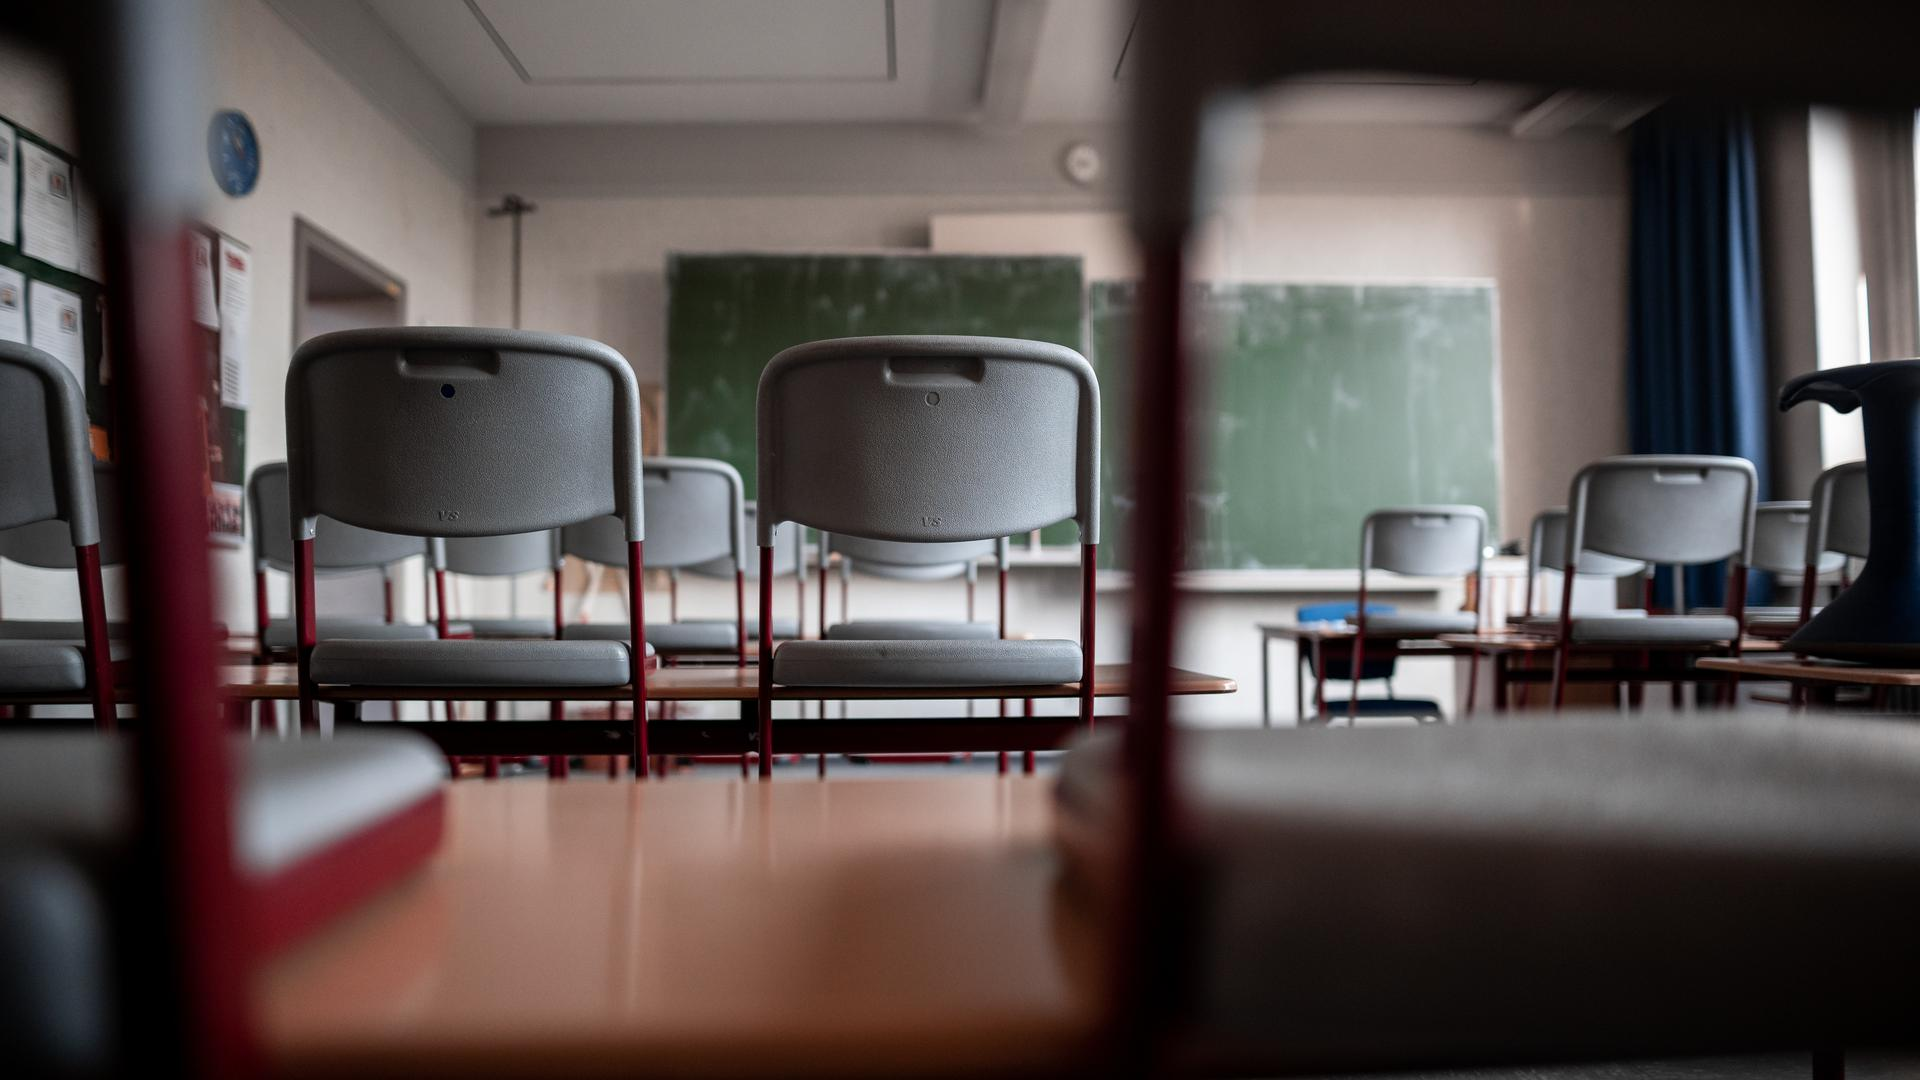 Stühle stehen auf den Tischen in einem leeren Klassenzimmer. +++ dpa-Bildfunk +++